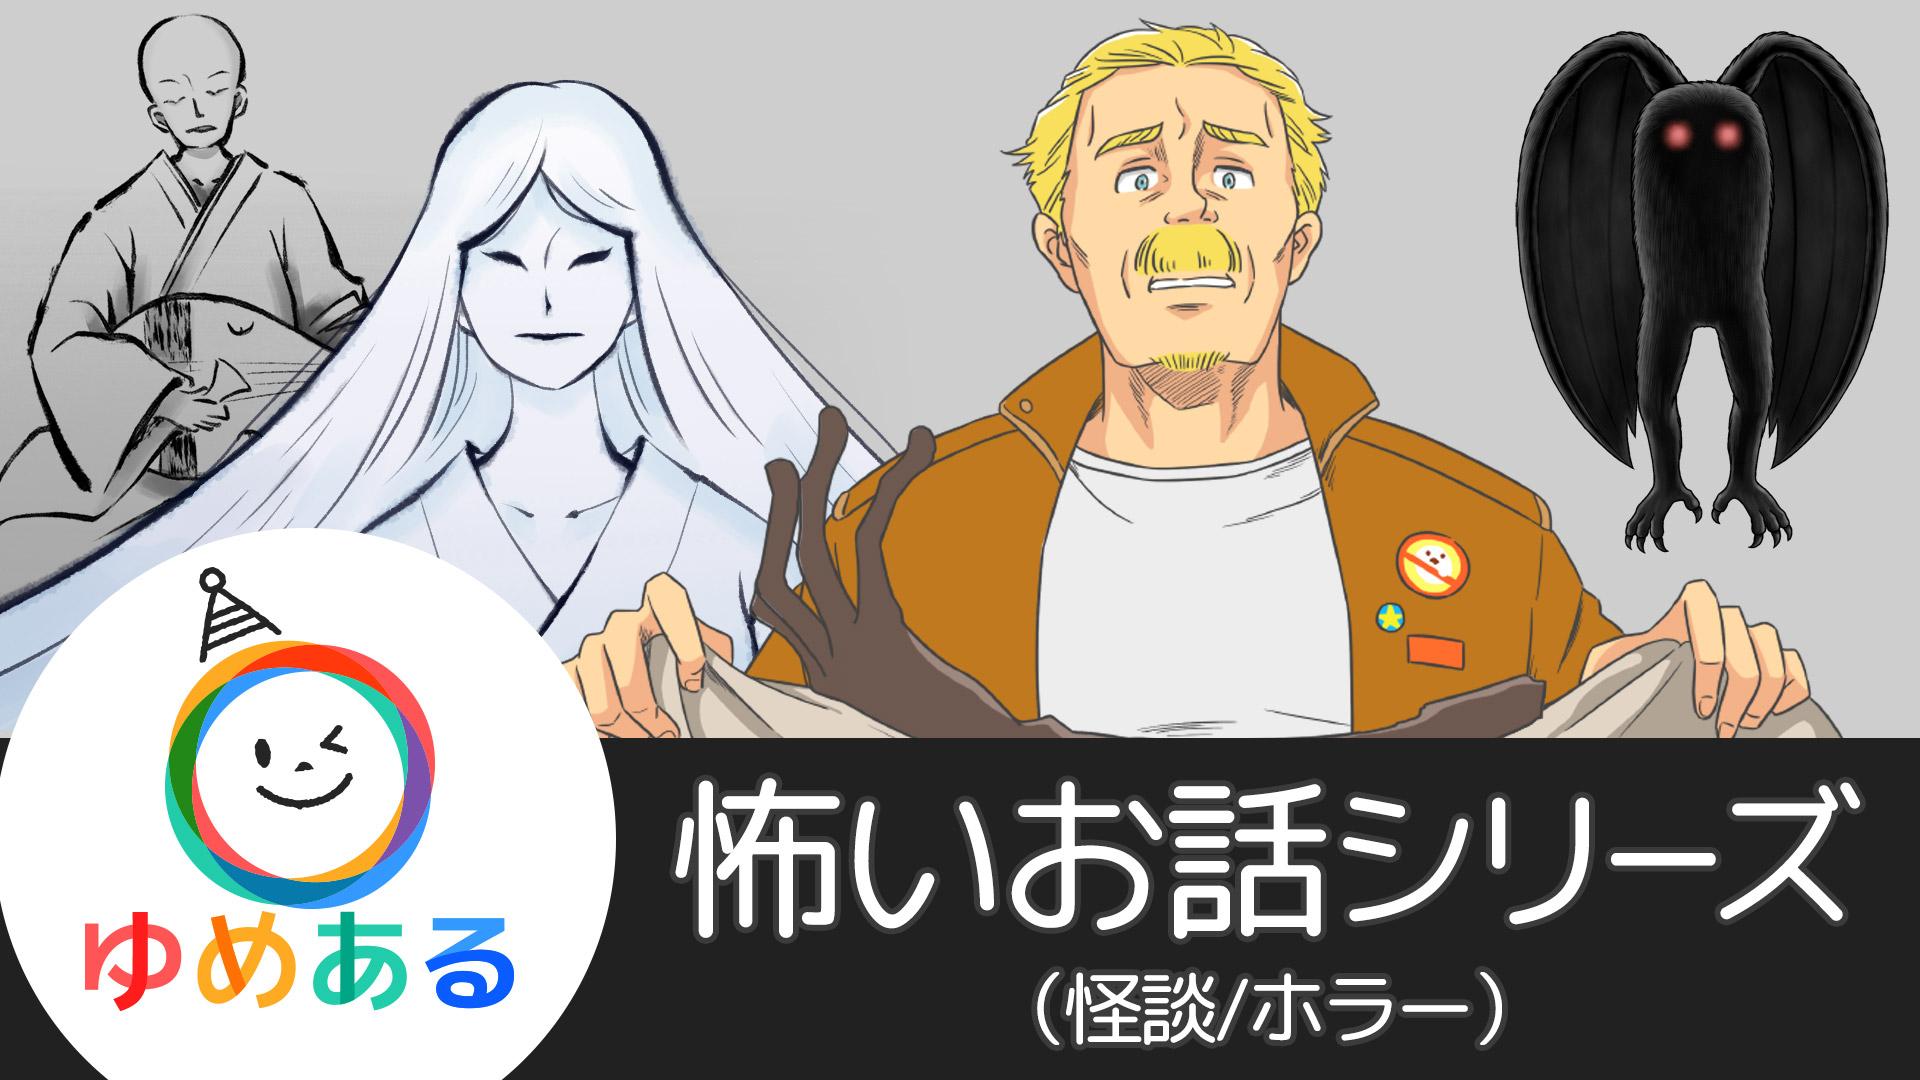 ゆめある怖いお話シリーズ(怪談/ホラー)